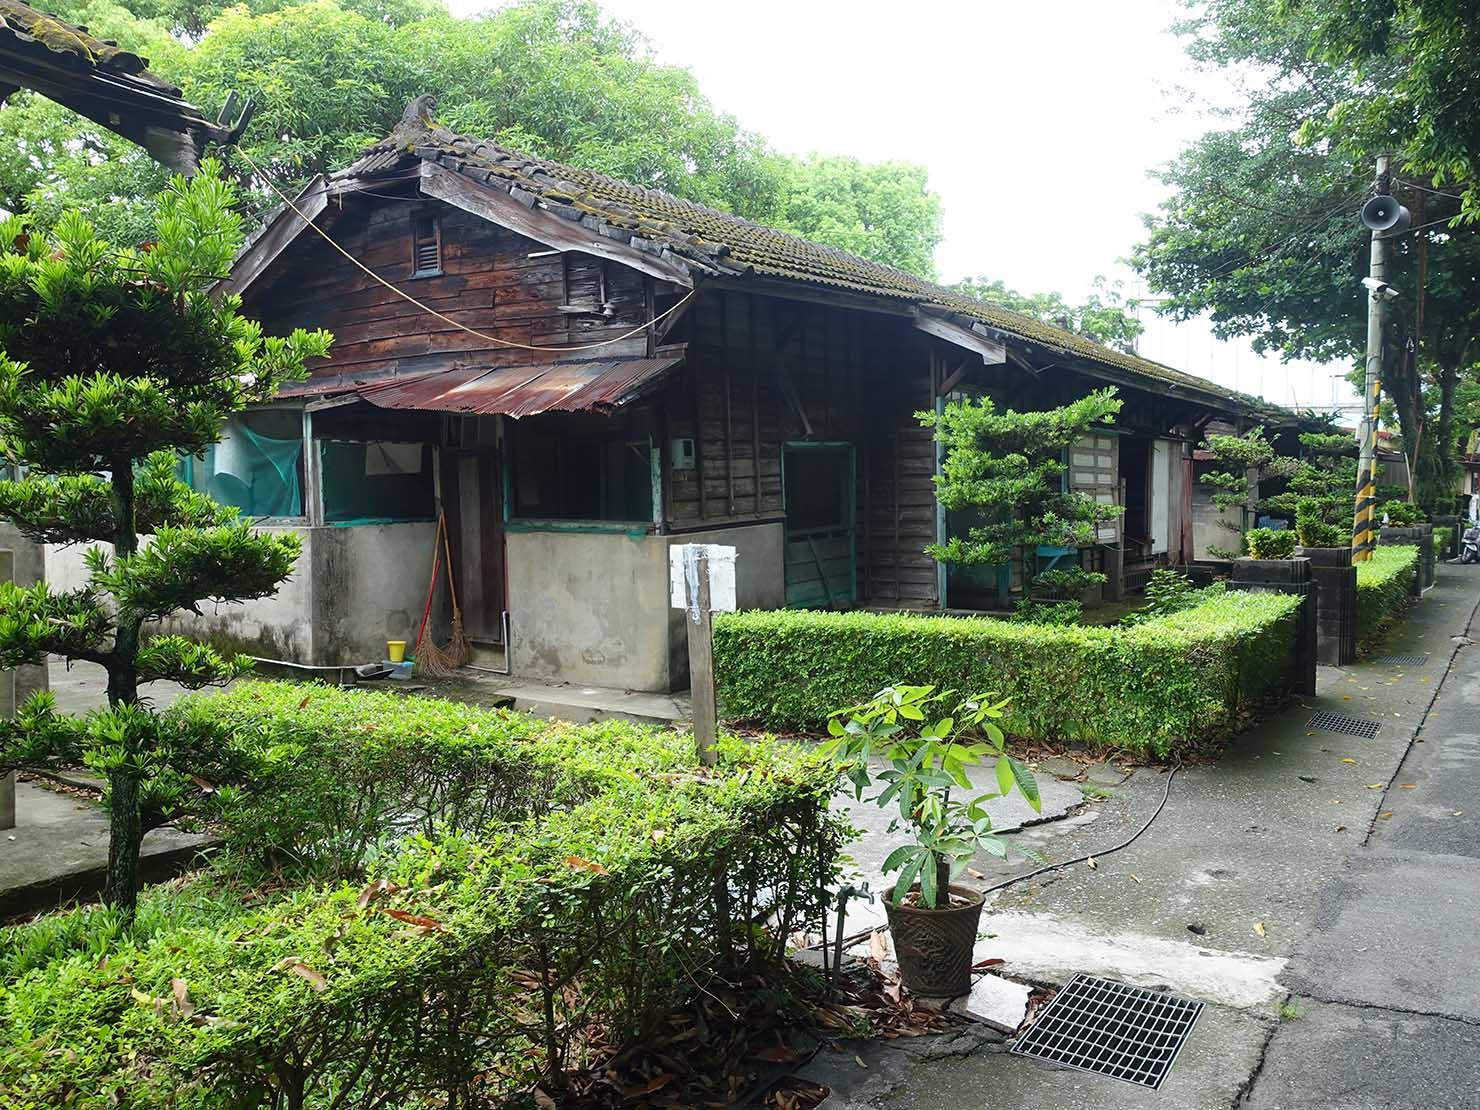 台湾・花蓮のおすすめ観光スポット「將軍府」周辺の木造家屋